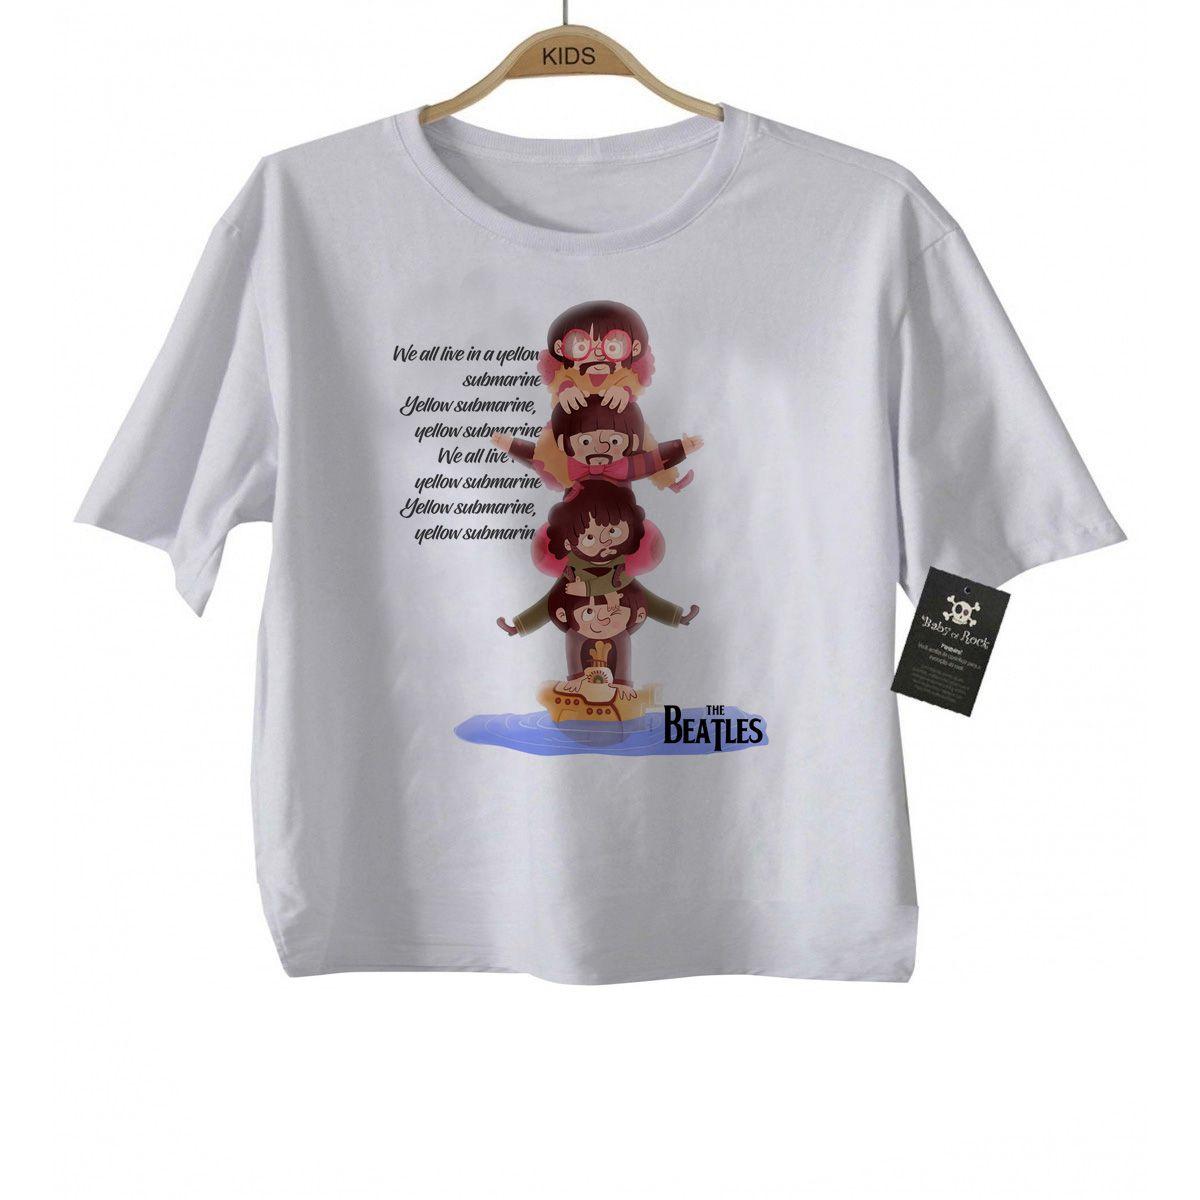 Camiseta de Rock infantil Beatles Submarino - White  - Baby Monster S/A